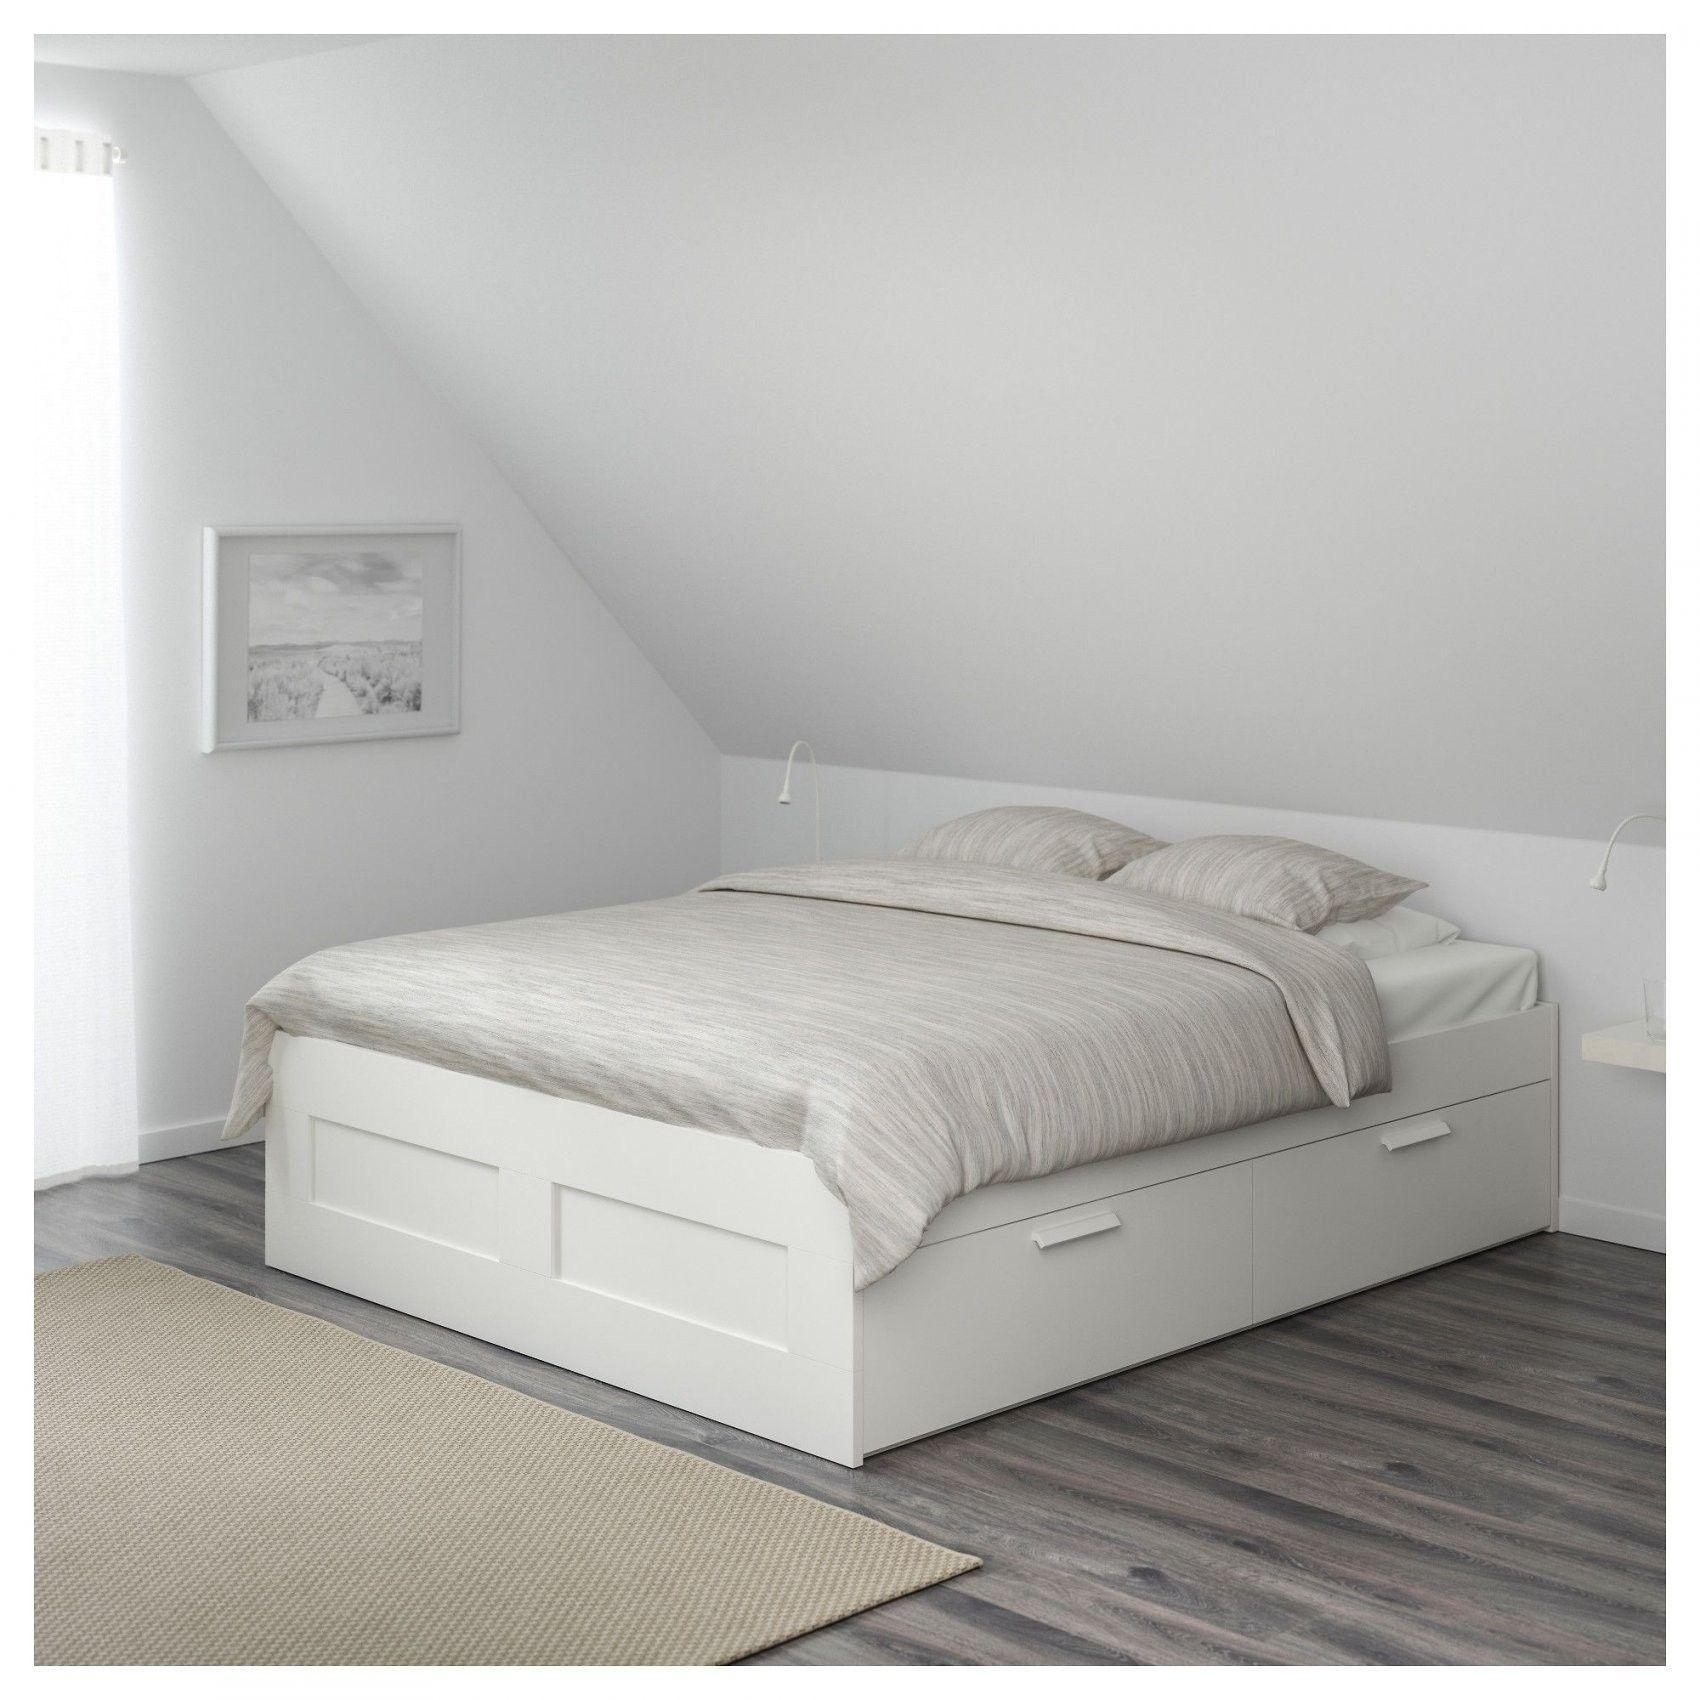 Bett Kaufen Ikea Beste Schlafliege Ikea Neu Einzelbett Weis Auch Von Bett 200x200 Ikea Bett Bett Kaufen Ik In 2020 Bettgestell Bett Lagerung Bett Mit Aufbewahrung